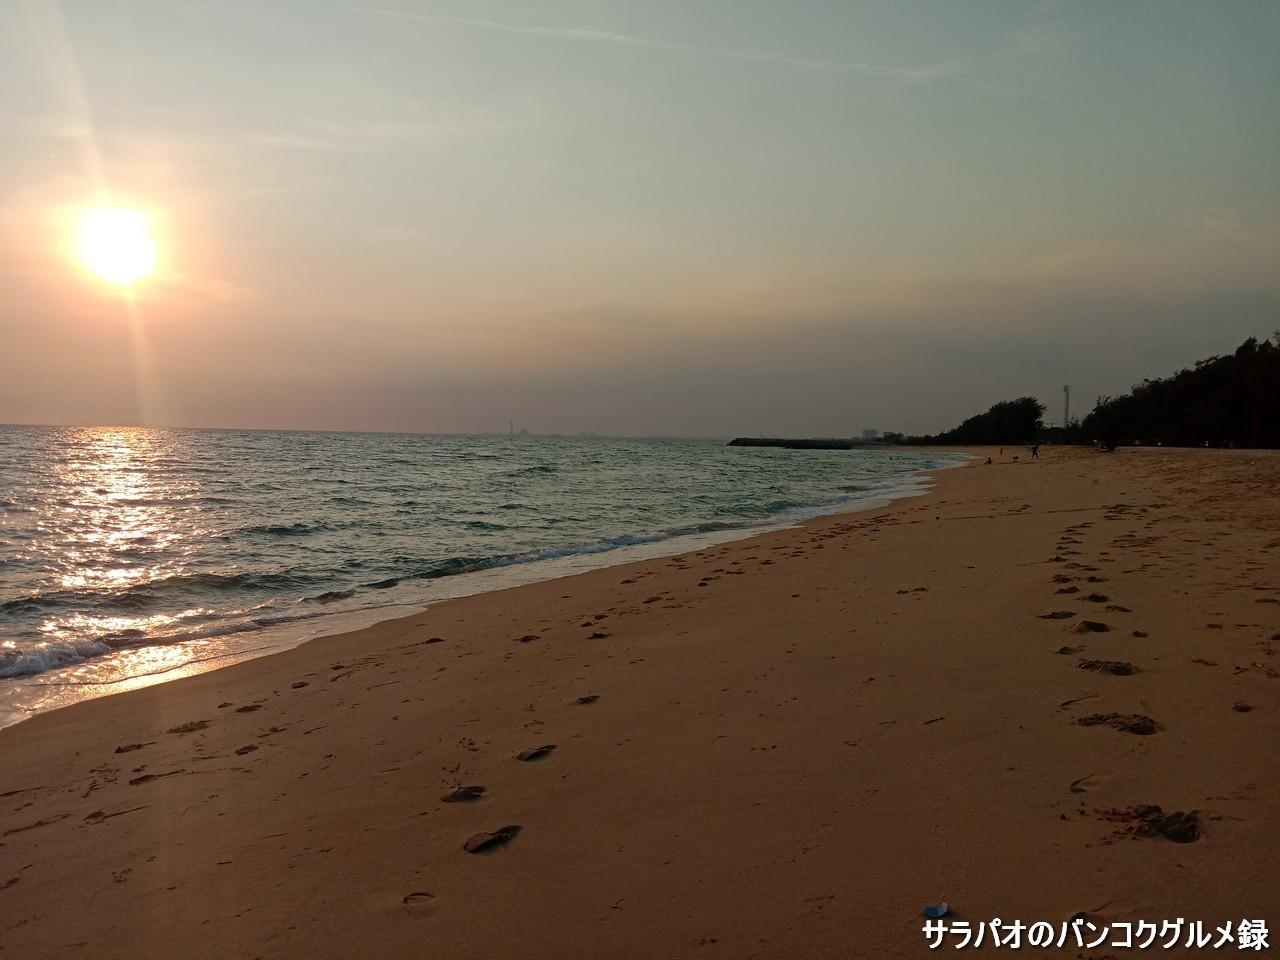 レーム・チャルーン・ビーチはタイ人に人気の静かなビーチ in ラヨーン県